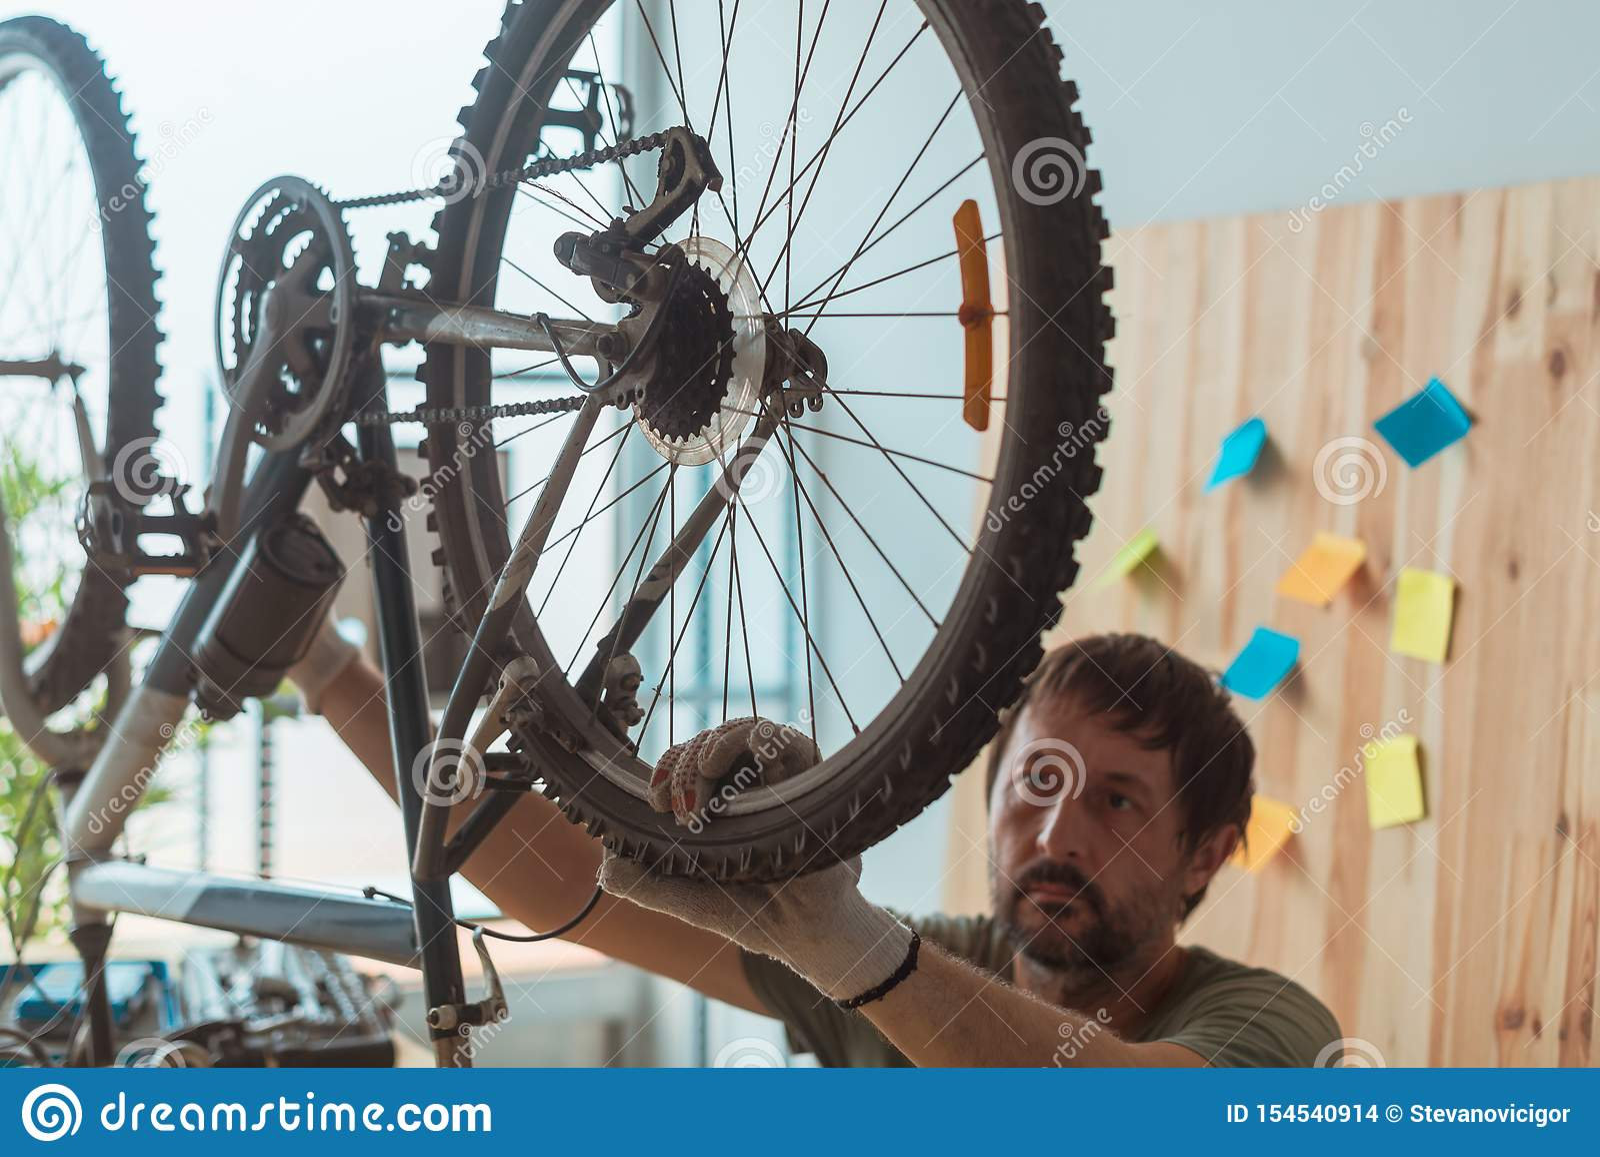 Homem que repara o Mountain bike velho na oficina